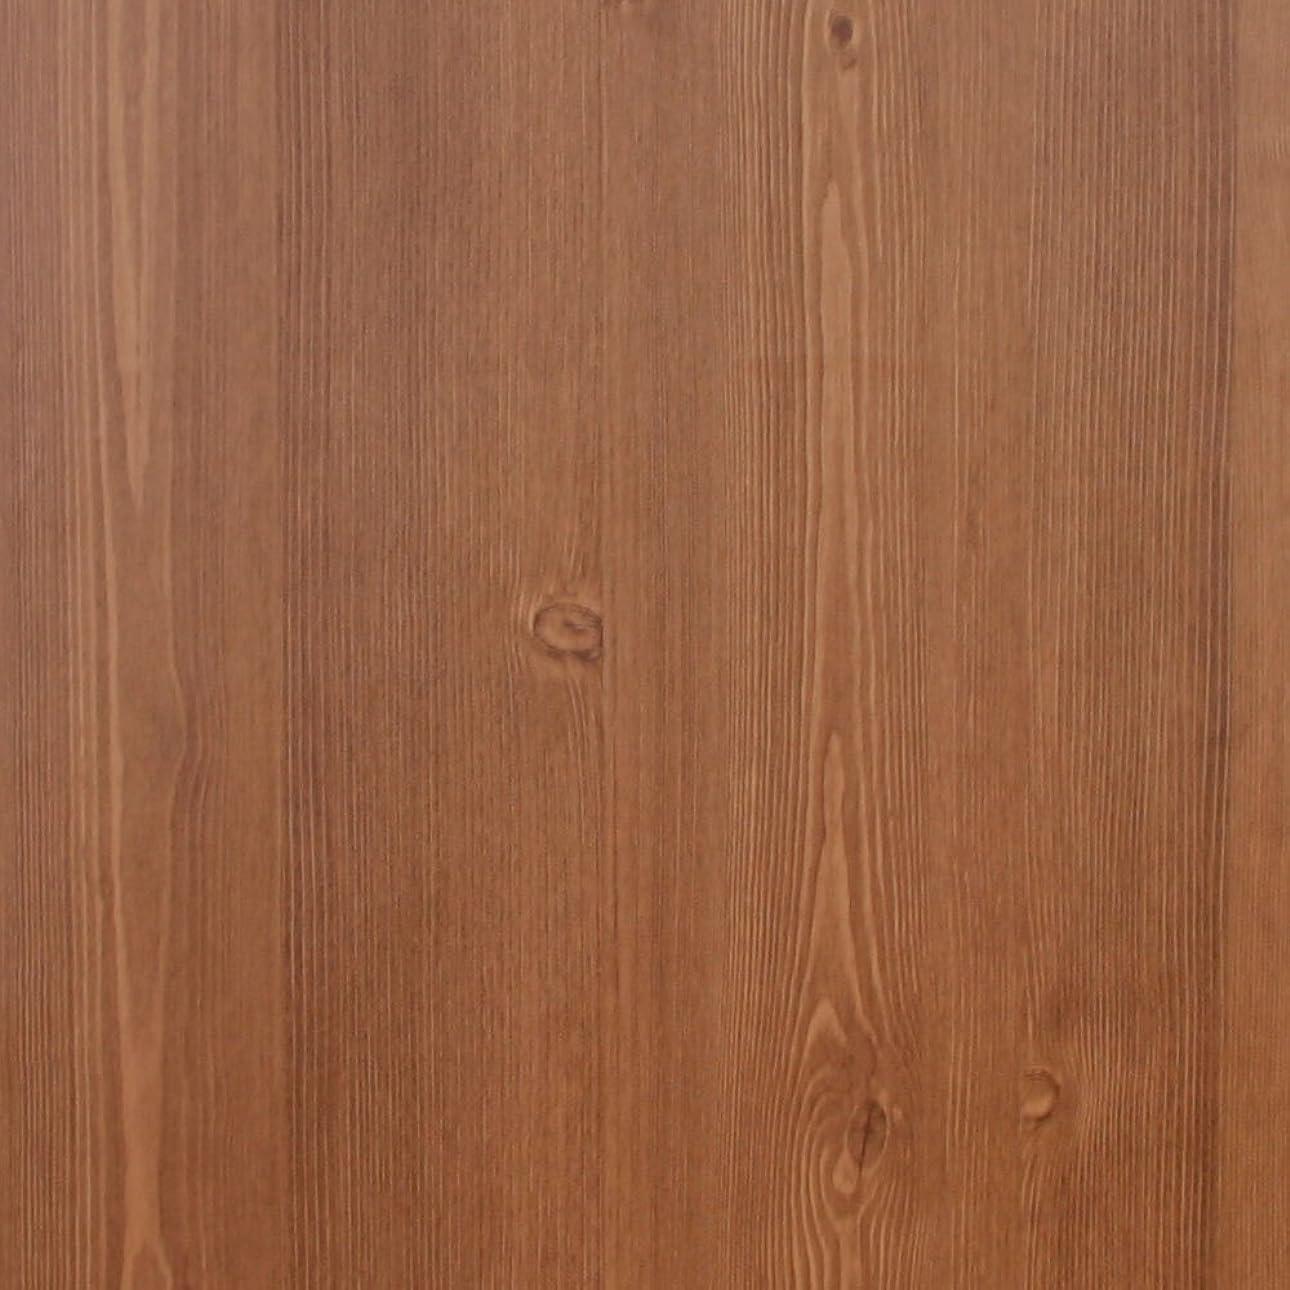 提唱するちなみにスリッパケイ?ララ 壁紙 木目 【壁紙シール15mセット】 壁紙シール はがせる クロス のり付き おしゃれ [nw-023:ブラウン] 幅50cm×長さ15m単位 ウォールステッカー DIY 壁紙 シール リメイクシート